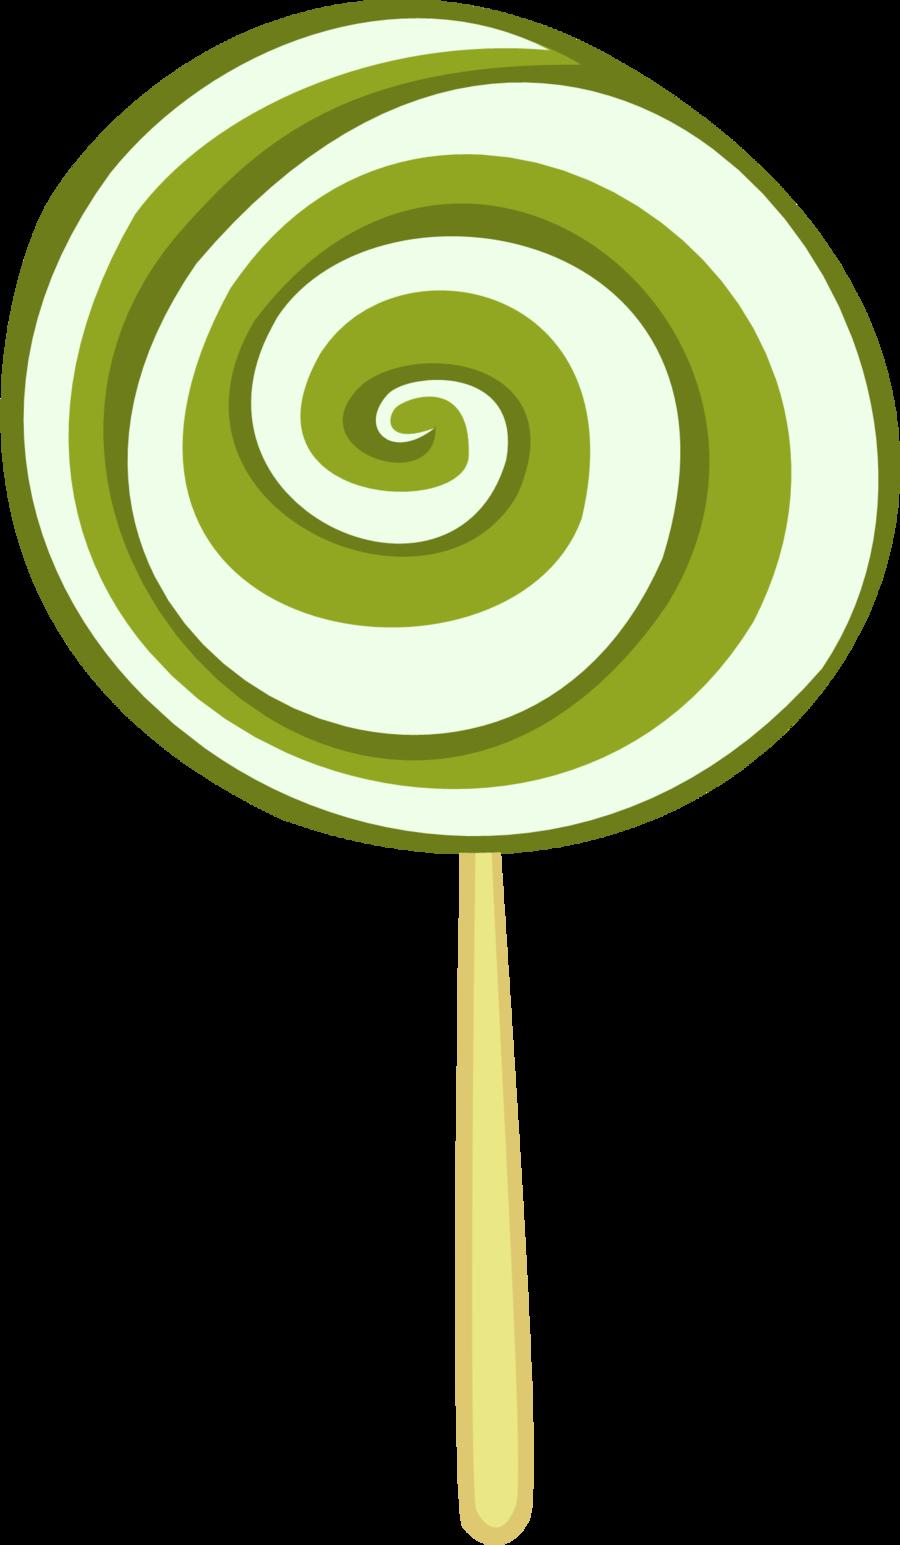 Lollipop clipart 2 image.